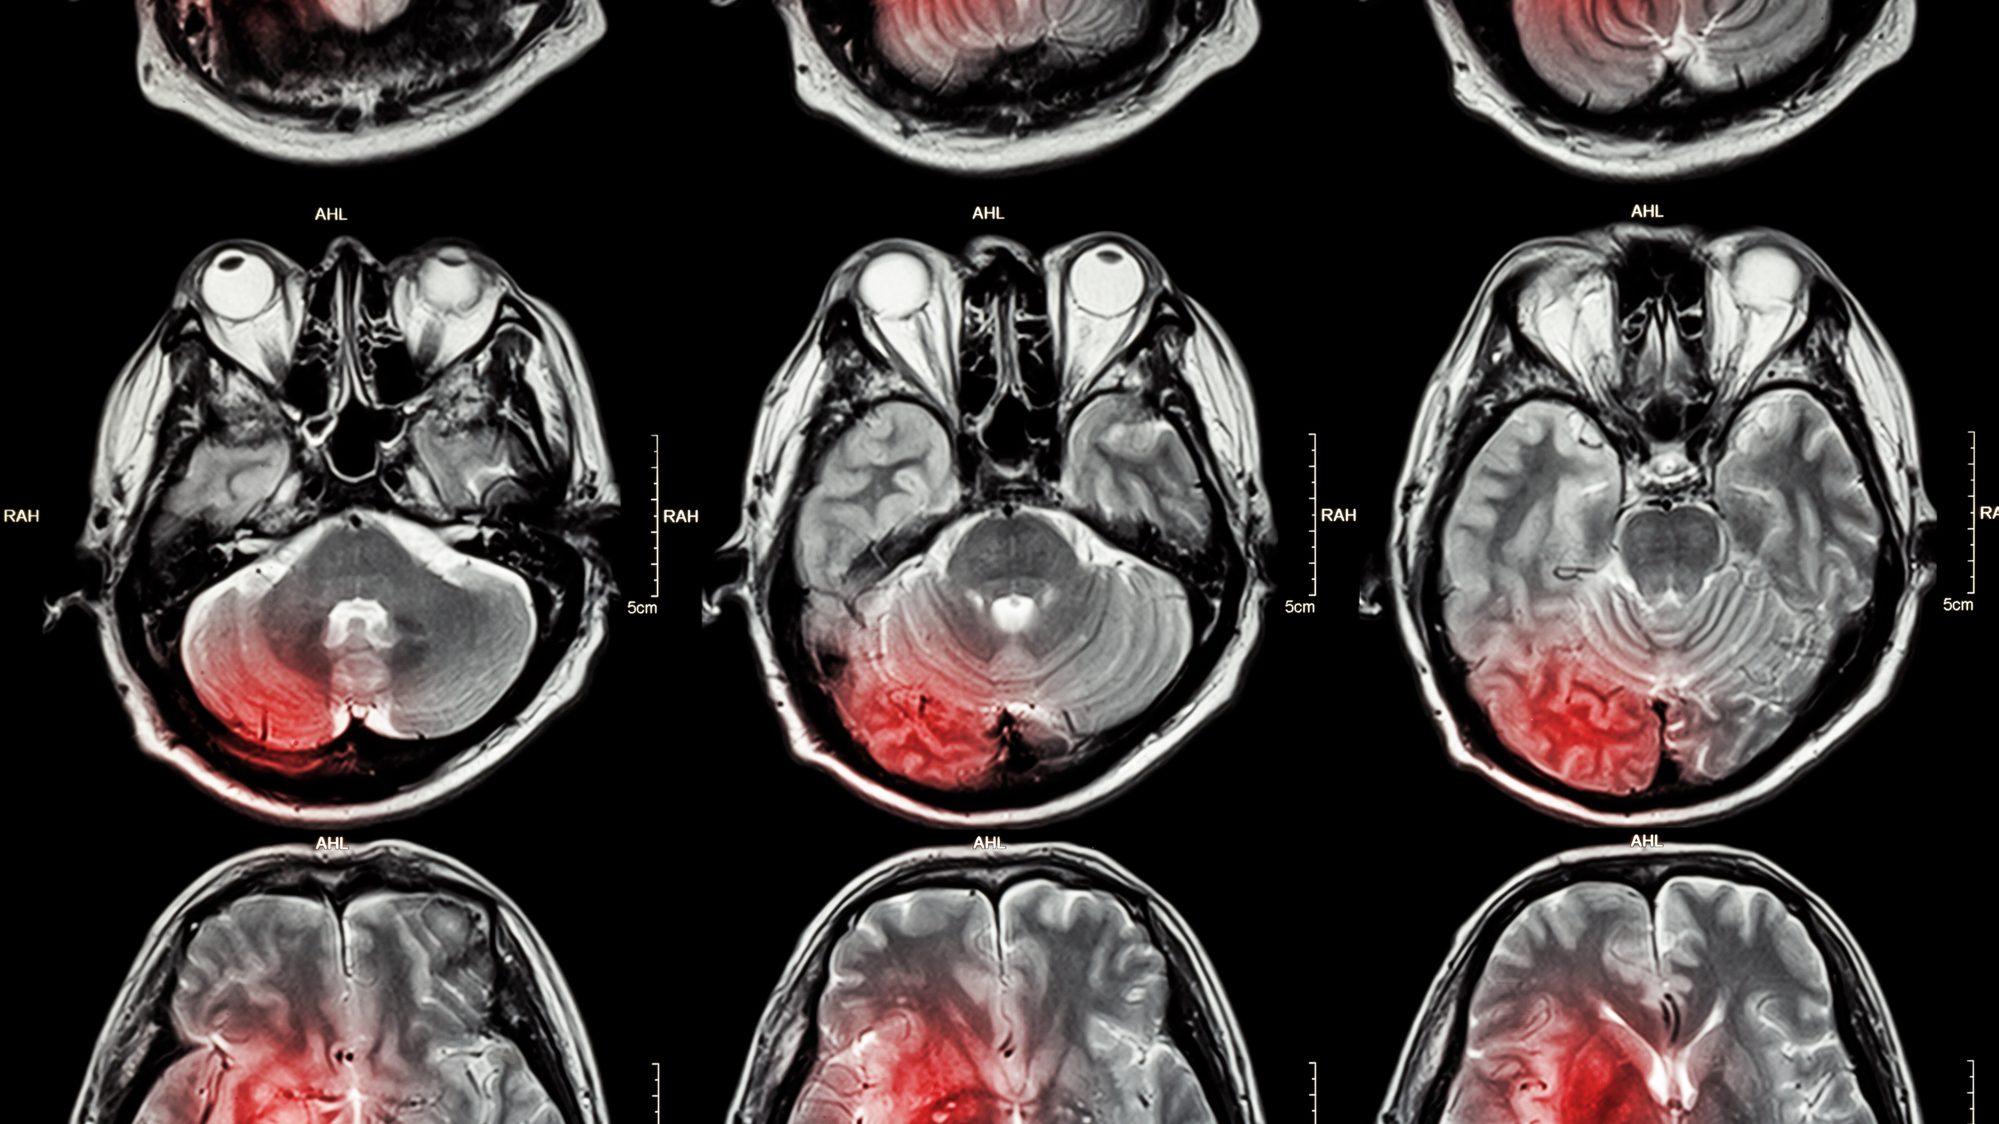 Futuro do tratamento contra o câncer